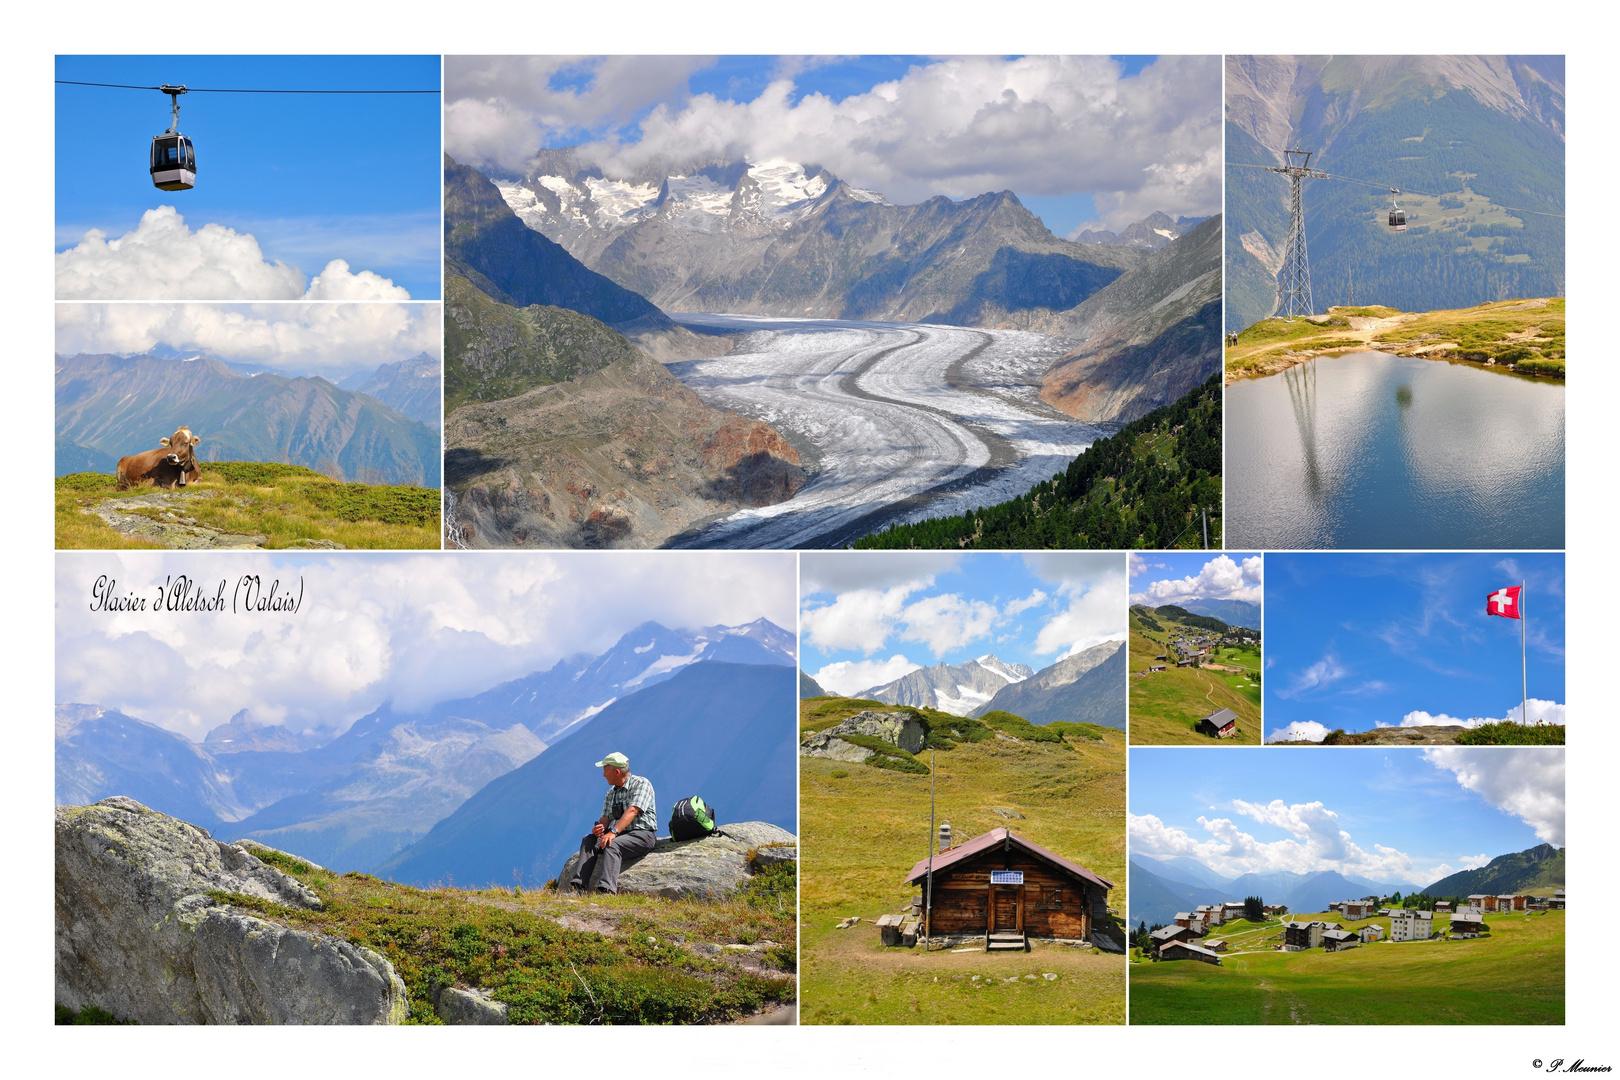 Le glacier d'Aletsch